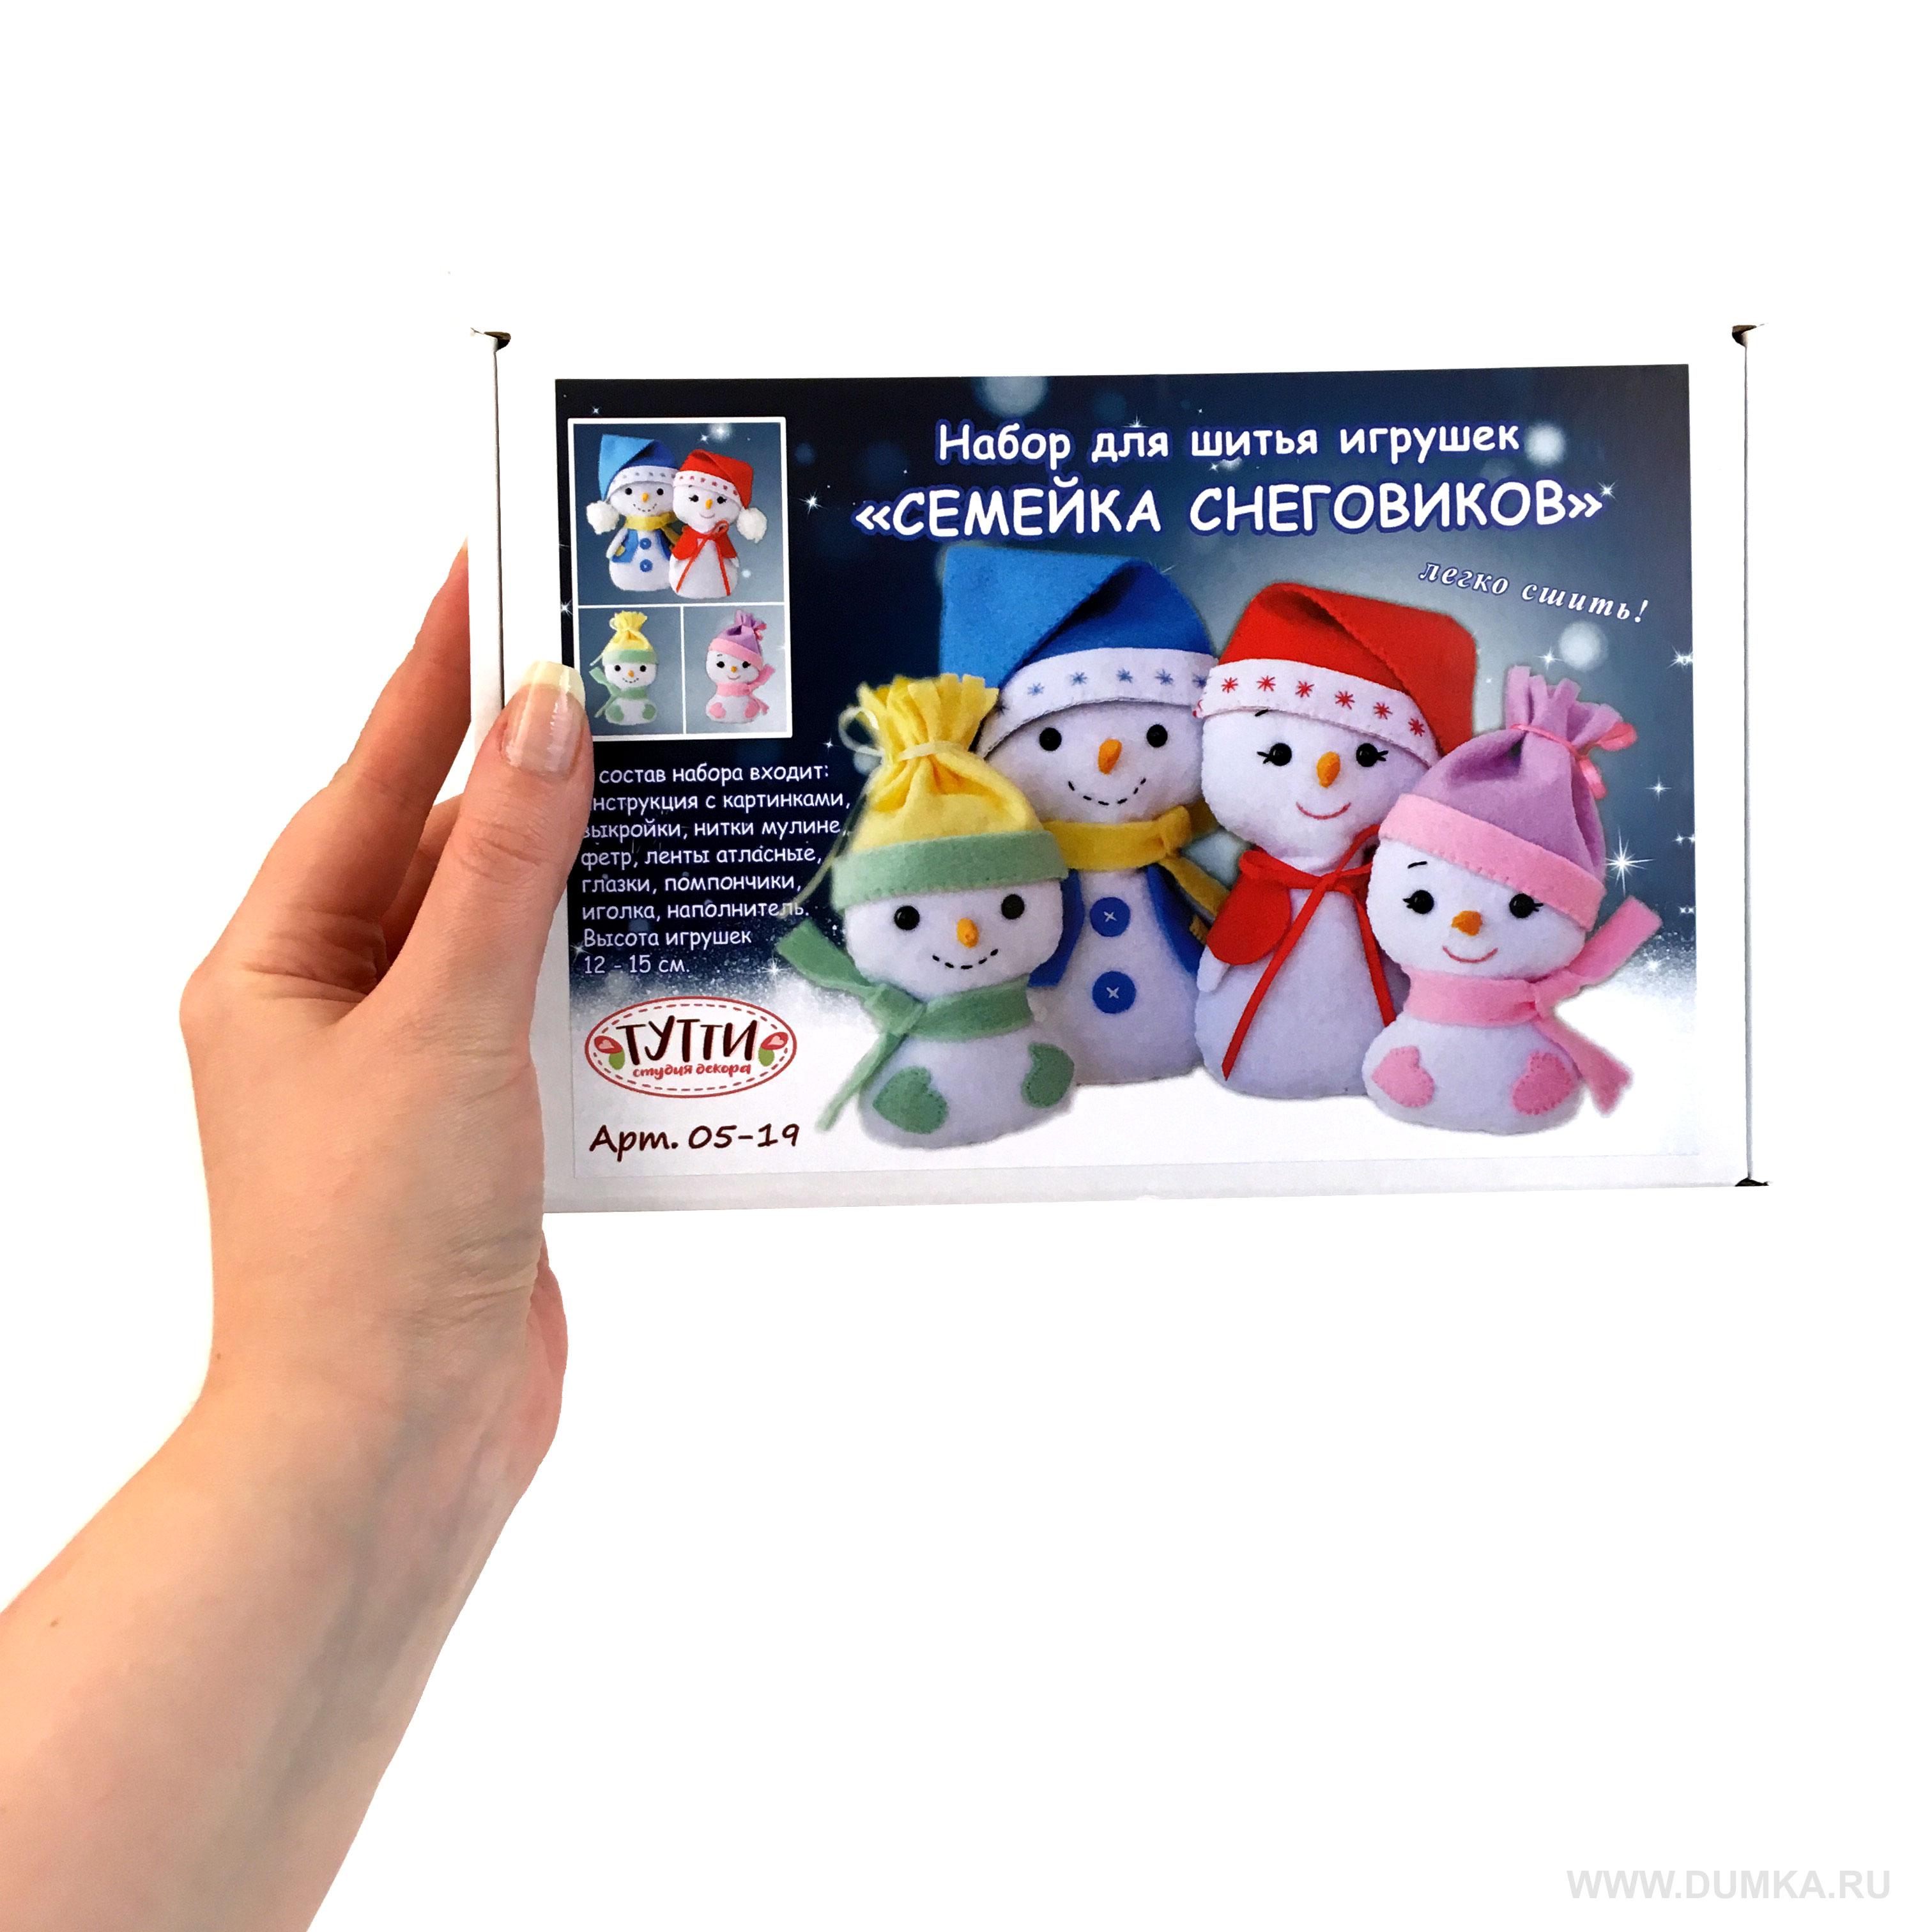 Набор для шитья игрушки «Семейка Снеговиков» - фотография 4